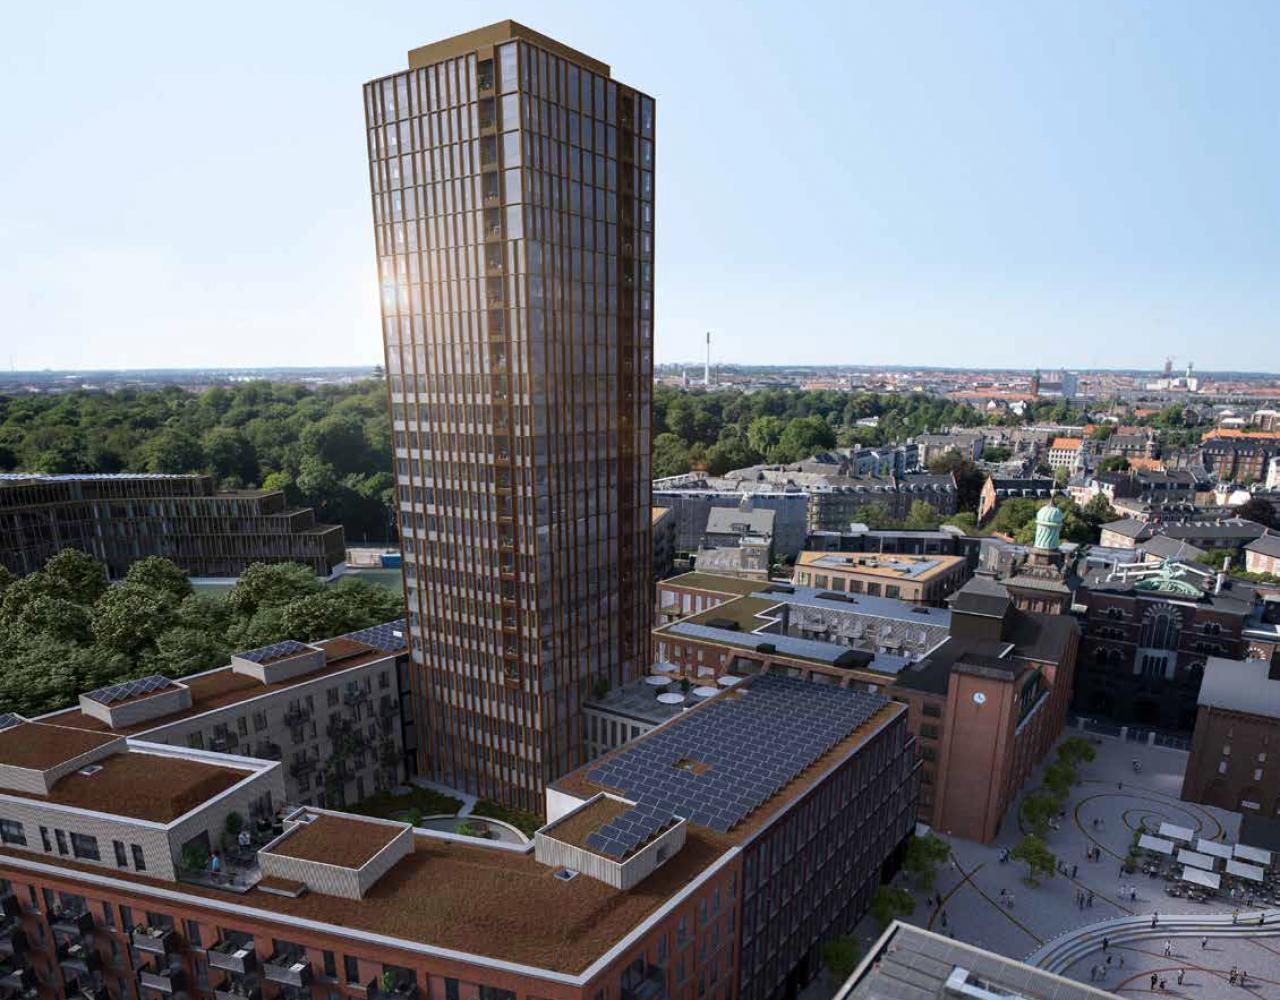 dahlerups tårn carlsberg byen